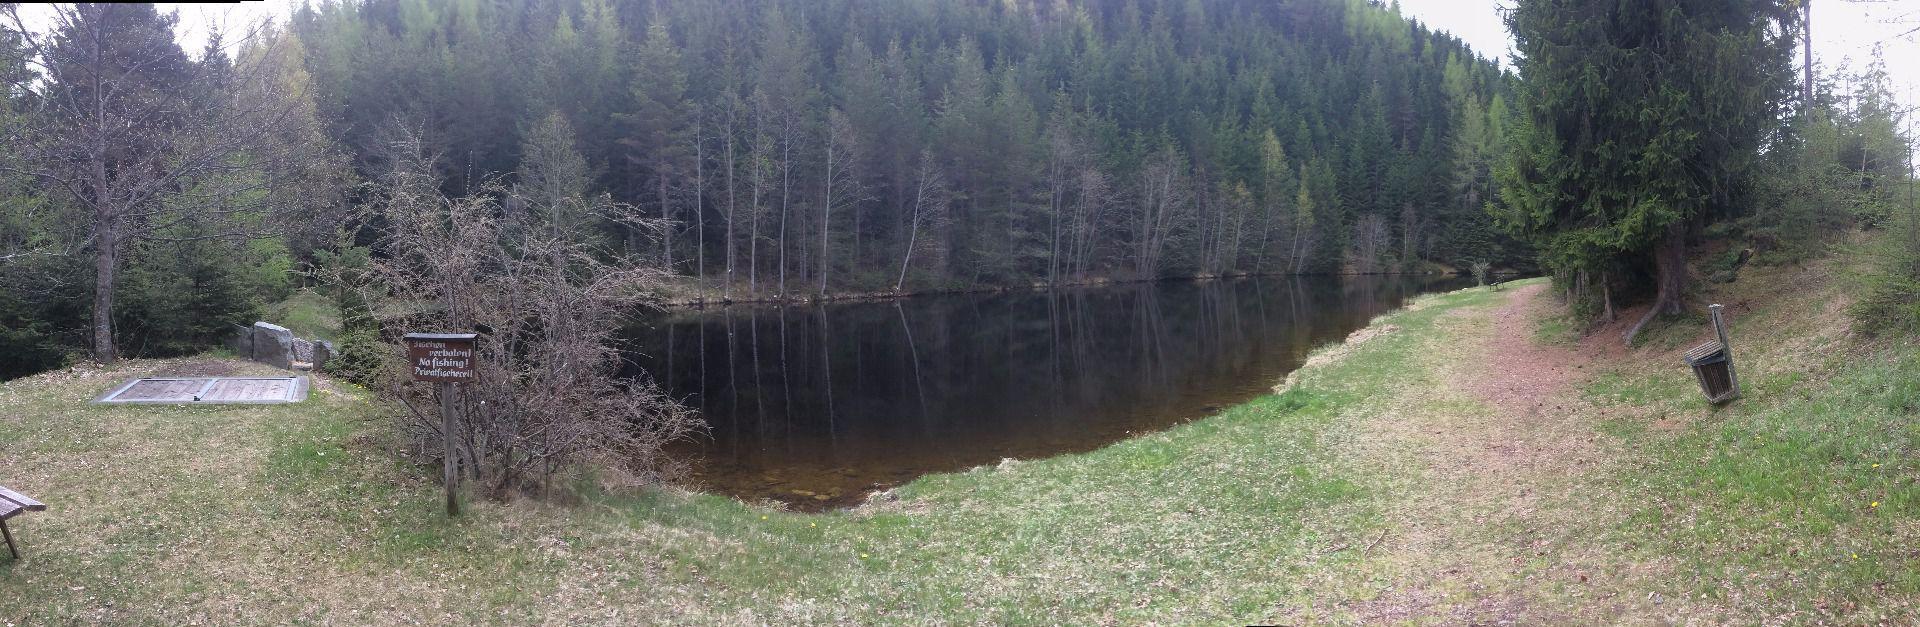 Piller landscaped pond